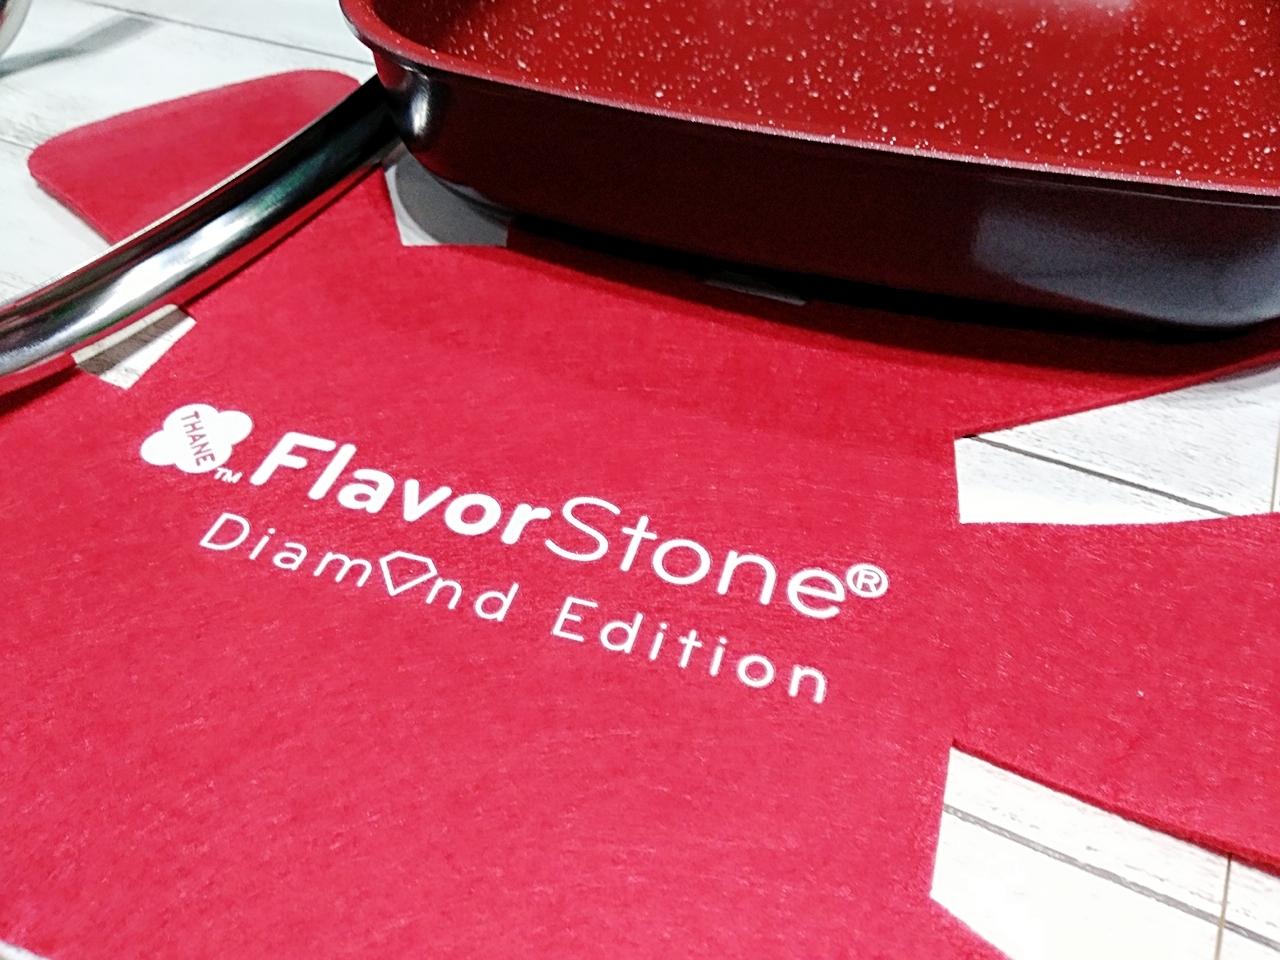 今すぐ欲しい‼【フレーバーストーン ダイヤモンドエディション】6点セットでストレスフリーハッピーな食卓をに